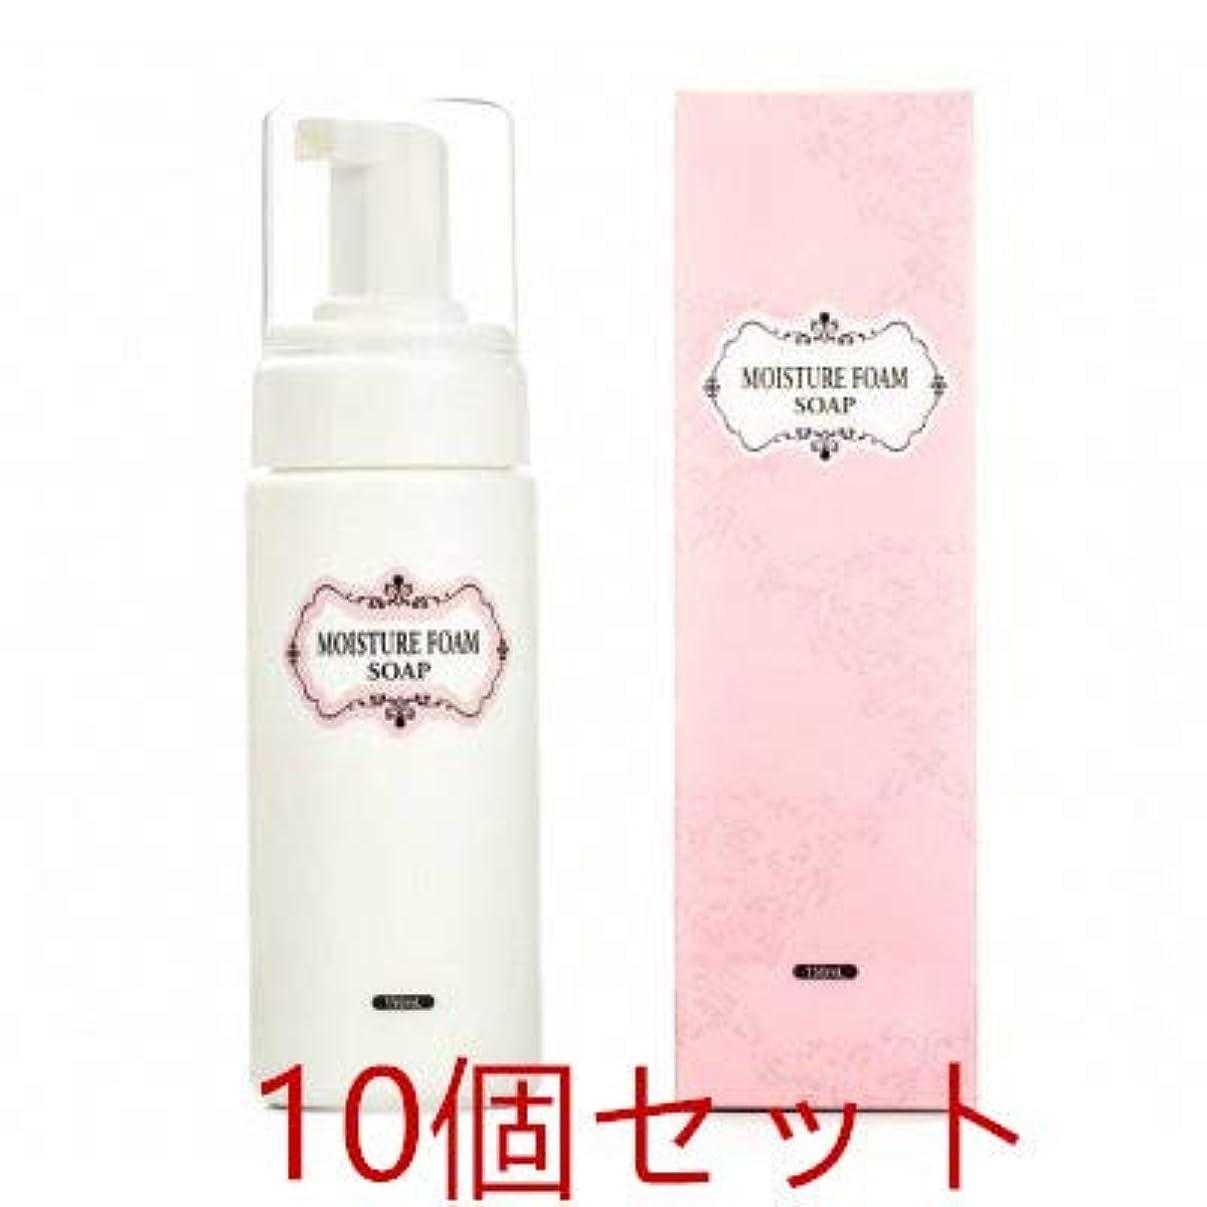 症候群辞任する申請中MOISTURE FOAM SOAP(モイスチャーフォームソープ) 150ml10個セット